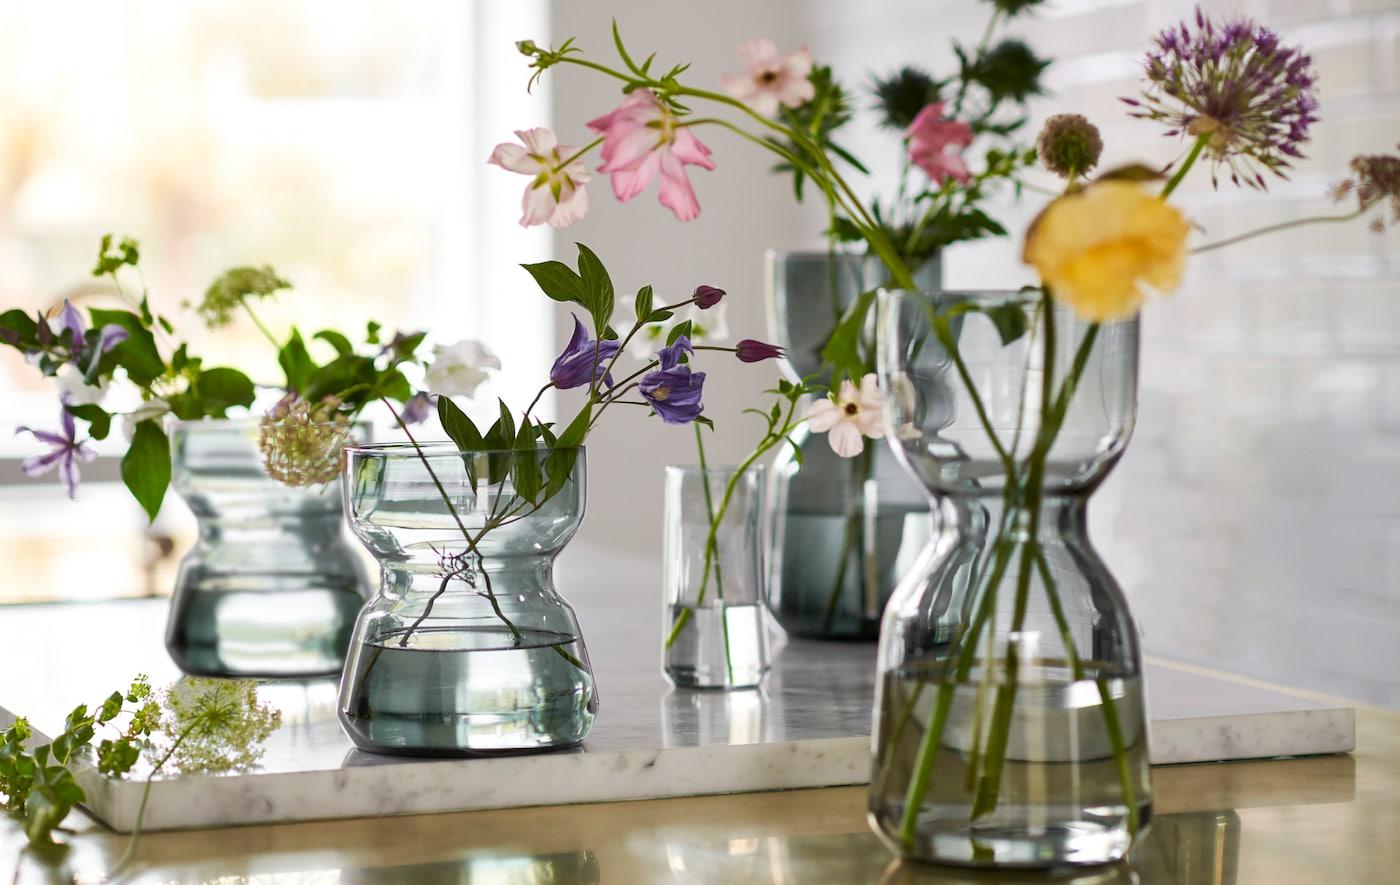 Kilka szklanych wazonów OMTÄNKSAM z charakterystycznym zwężeniem ułatwiającym chwytanie. Wazony stoją na blacie, a w każdym znajdują się świeże kwiaty.